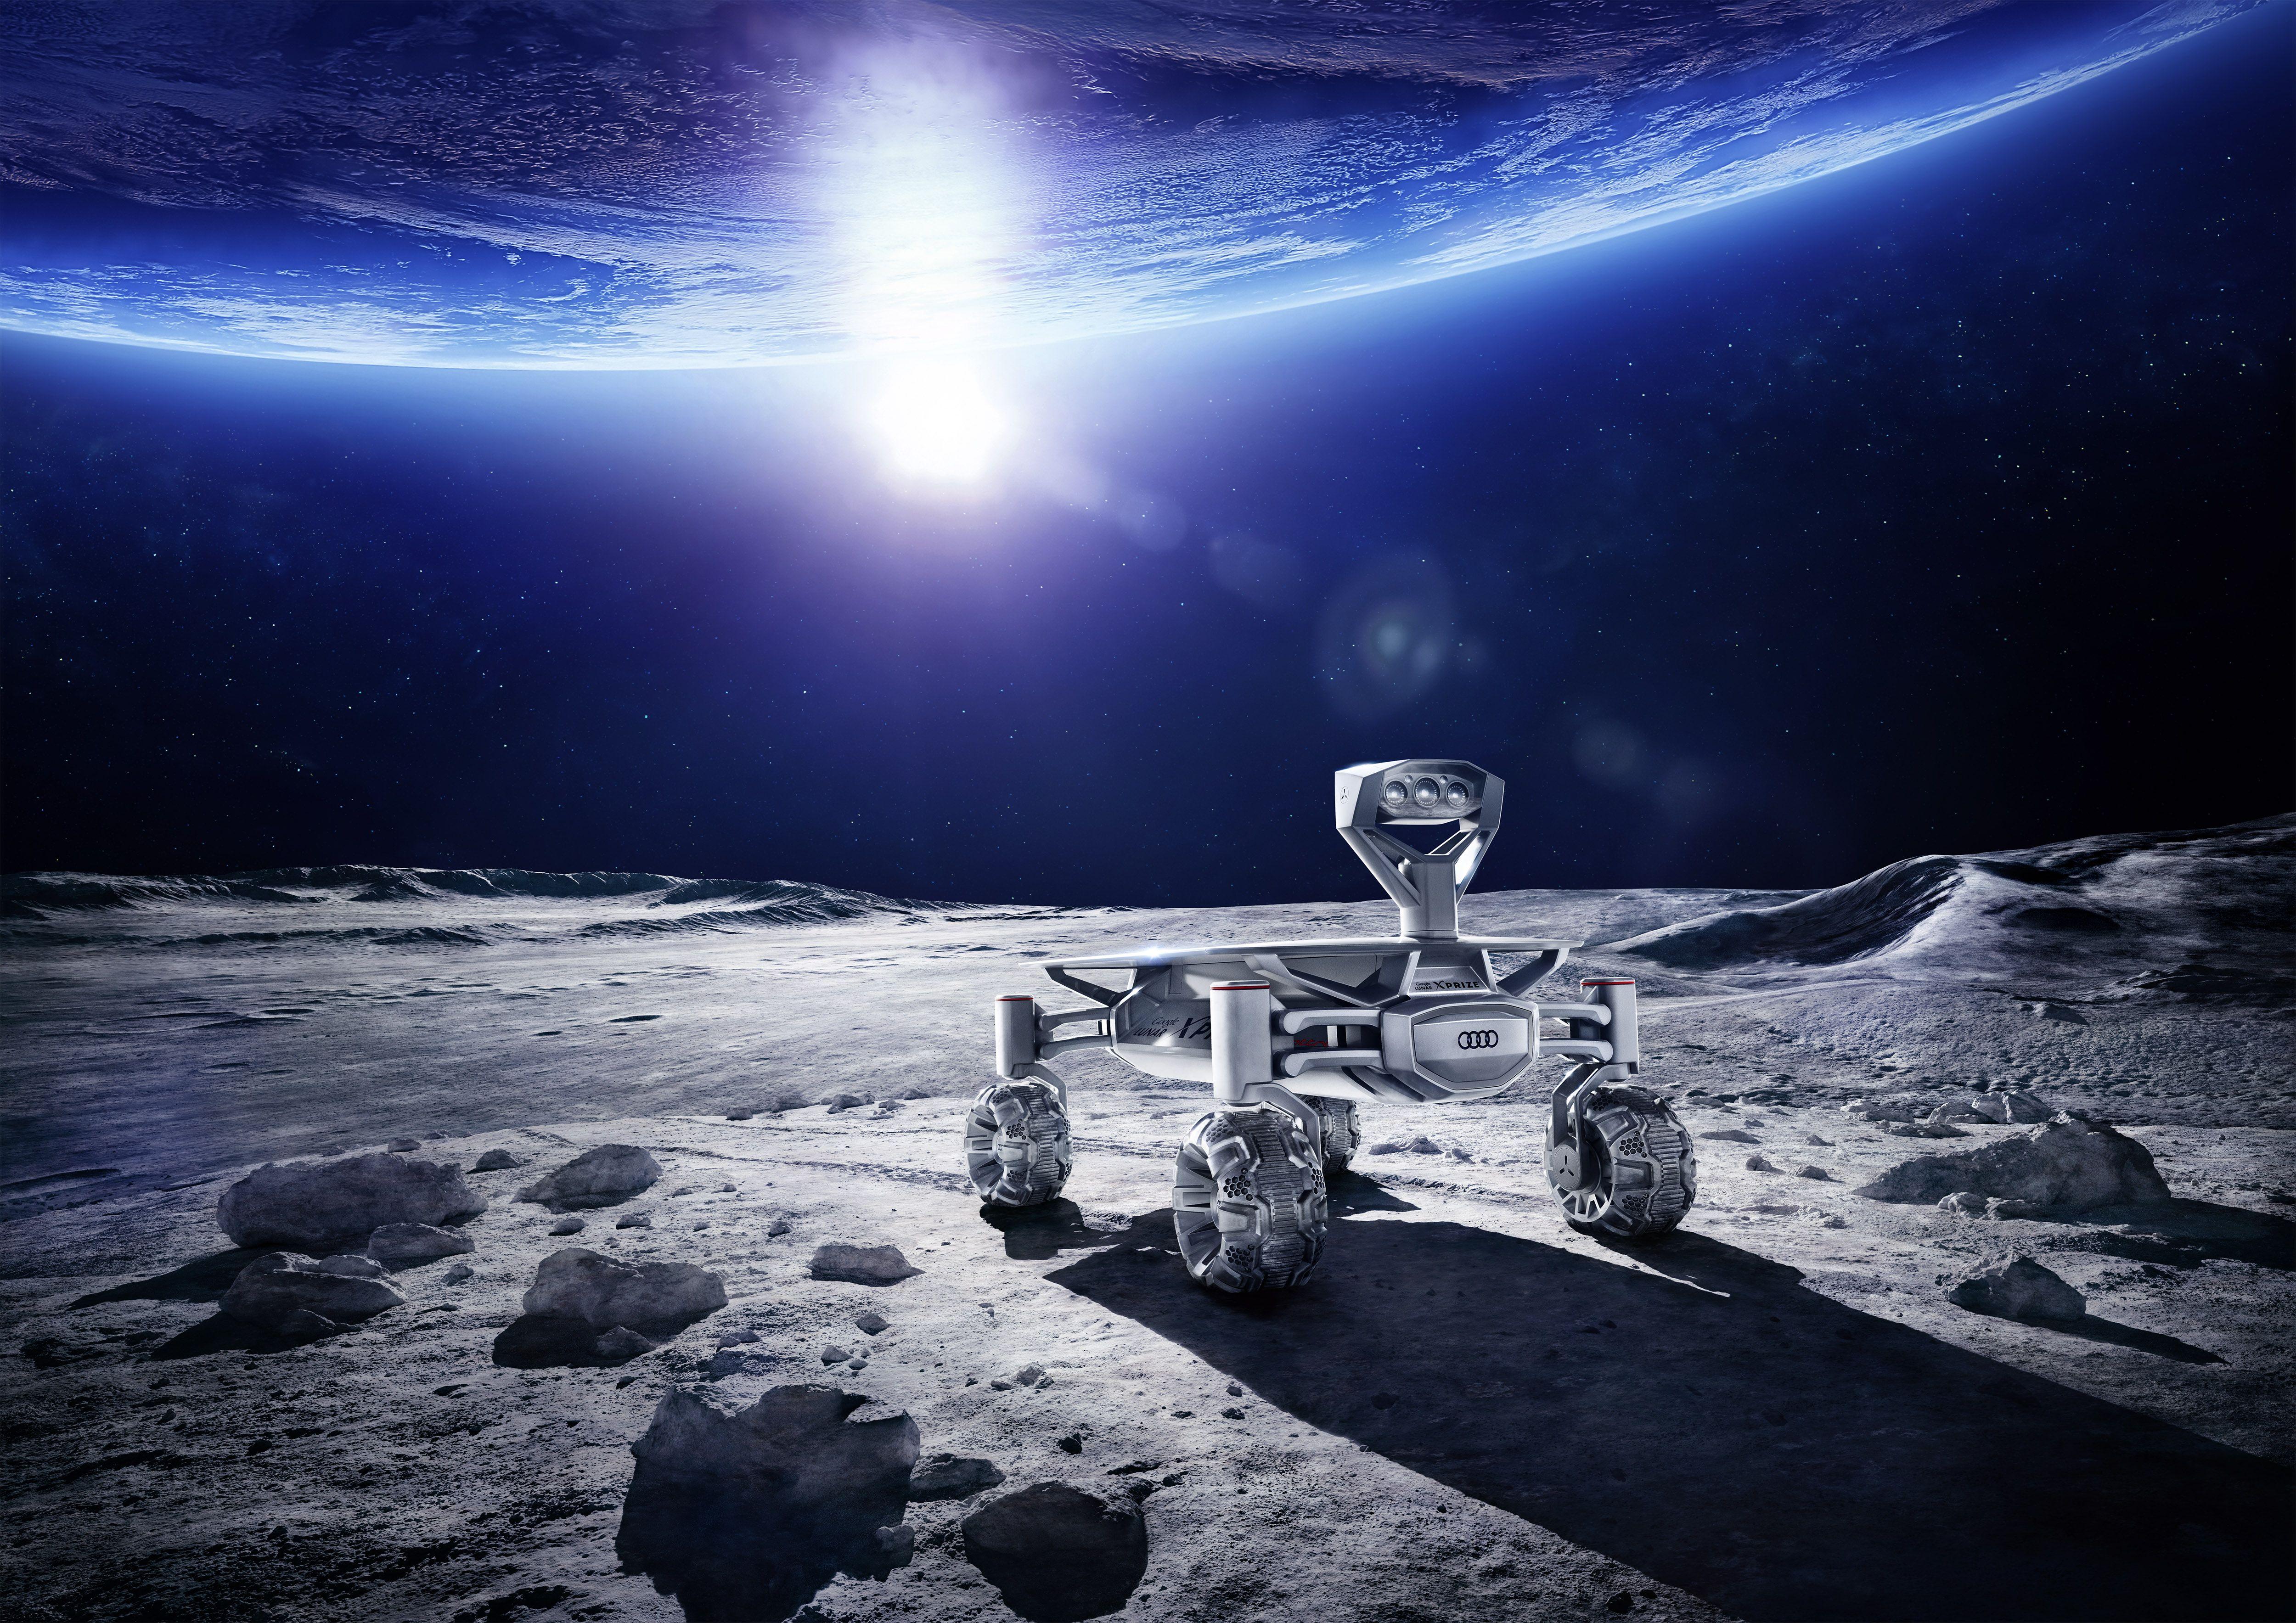 Aterrizar en la luna, desplazarse 500 metros y mandar imágenes a la tierra. Pronto podría ser una realidad, entérate en www.mission-to-the-moon.com